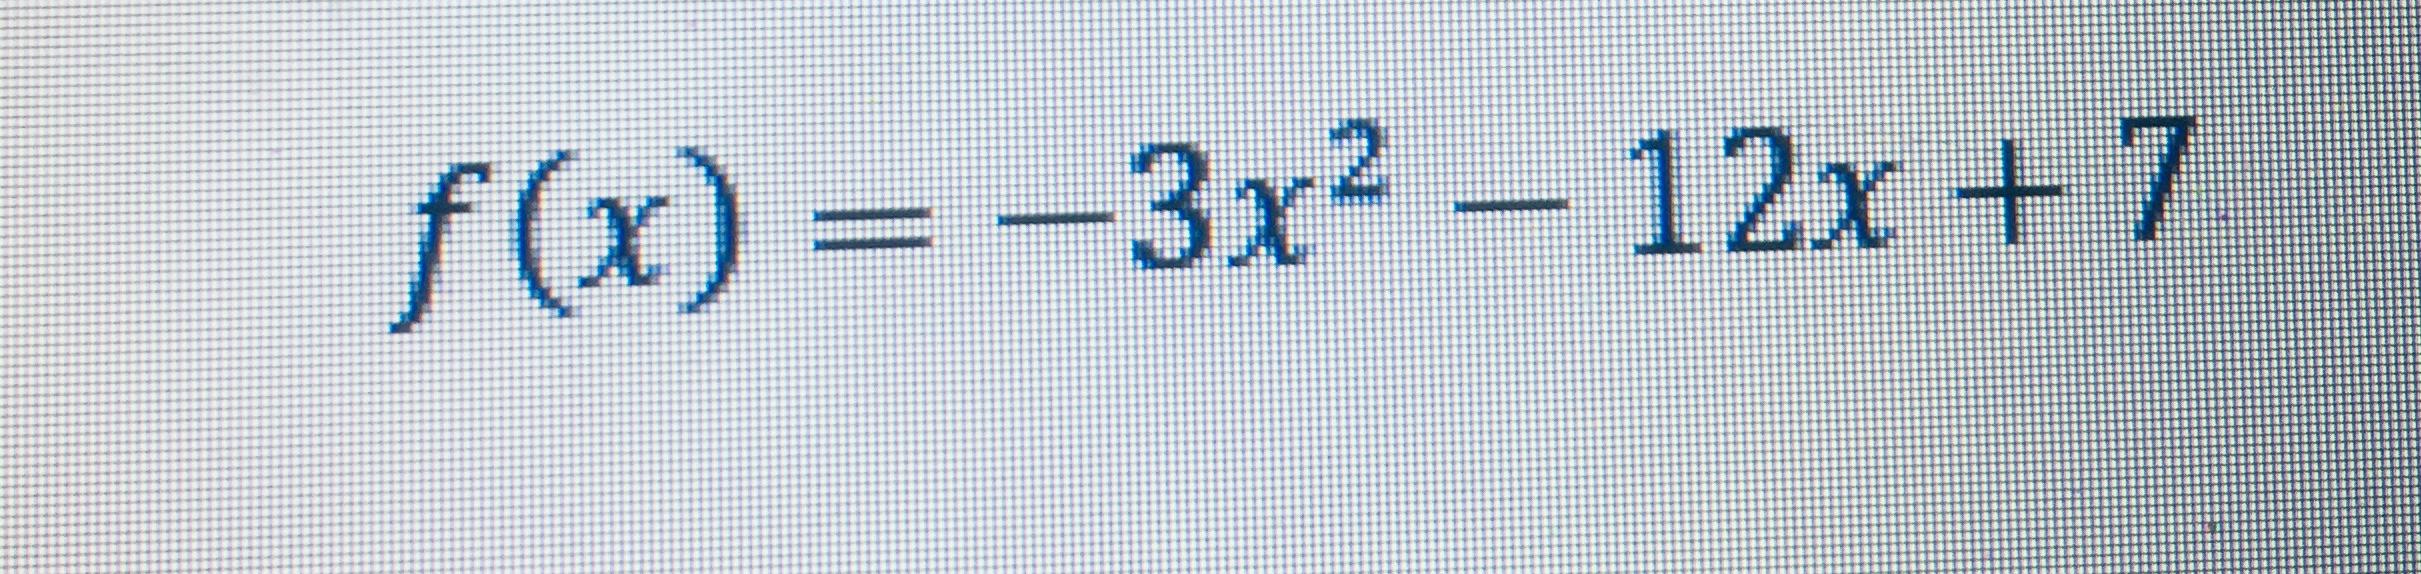 f(x) = -3x² – 12x + 7 %3D